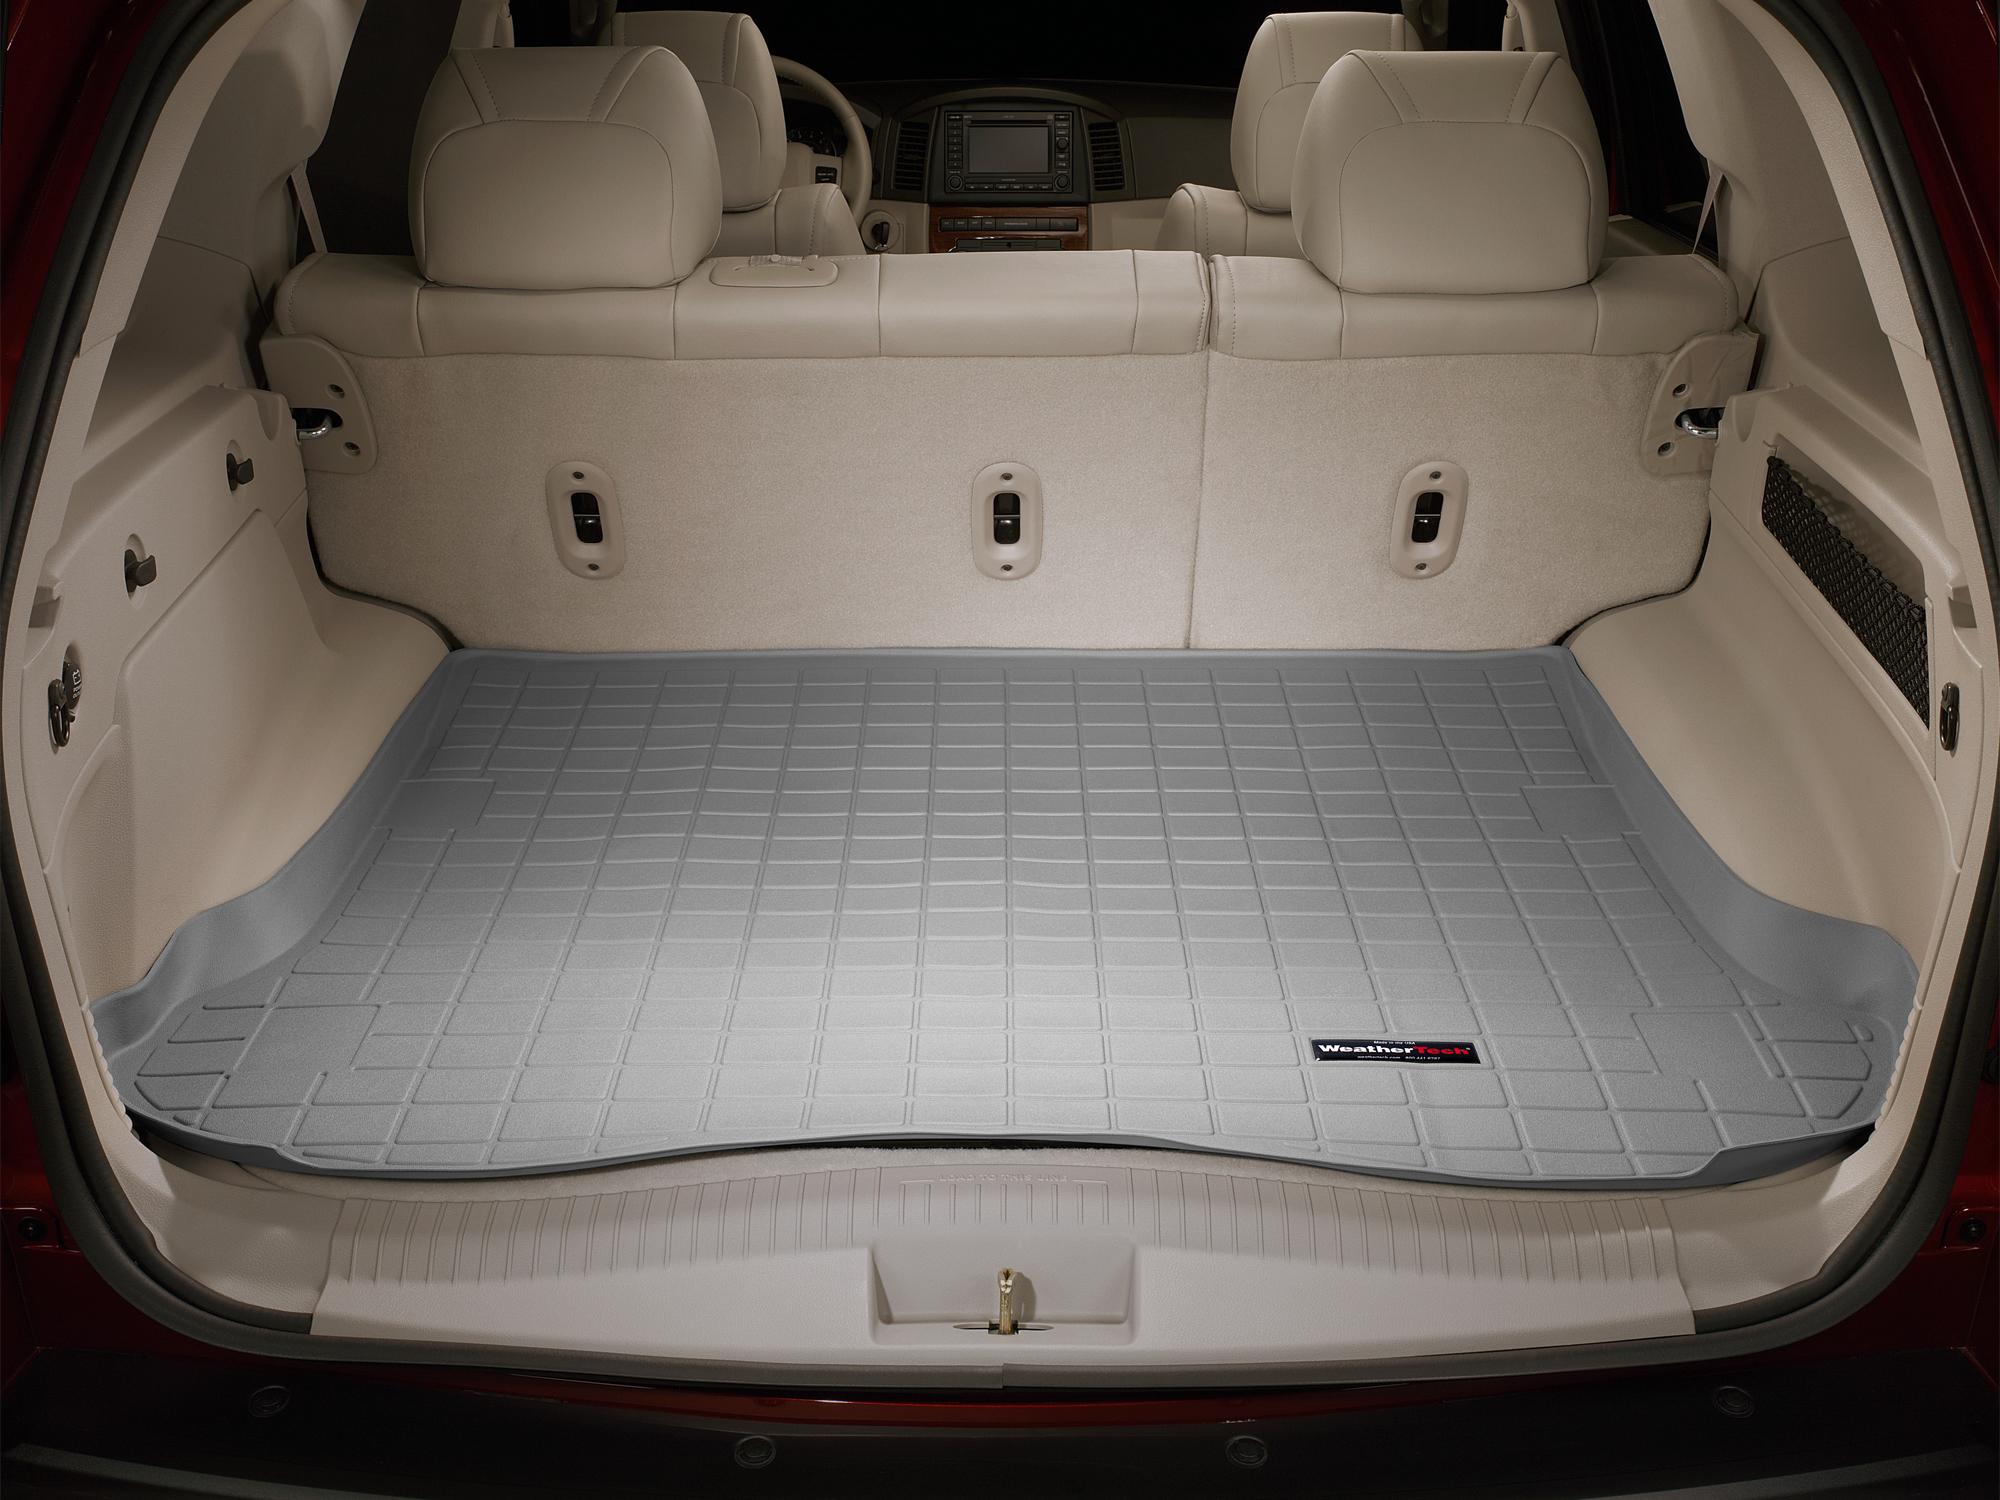 Jeep Grand Cherokee 2005>2010 Vasca baule tappeto bagagliaio grigio *625